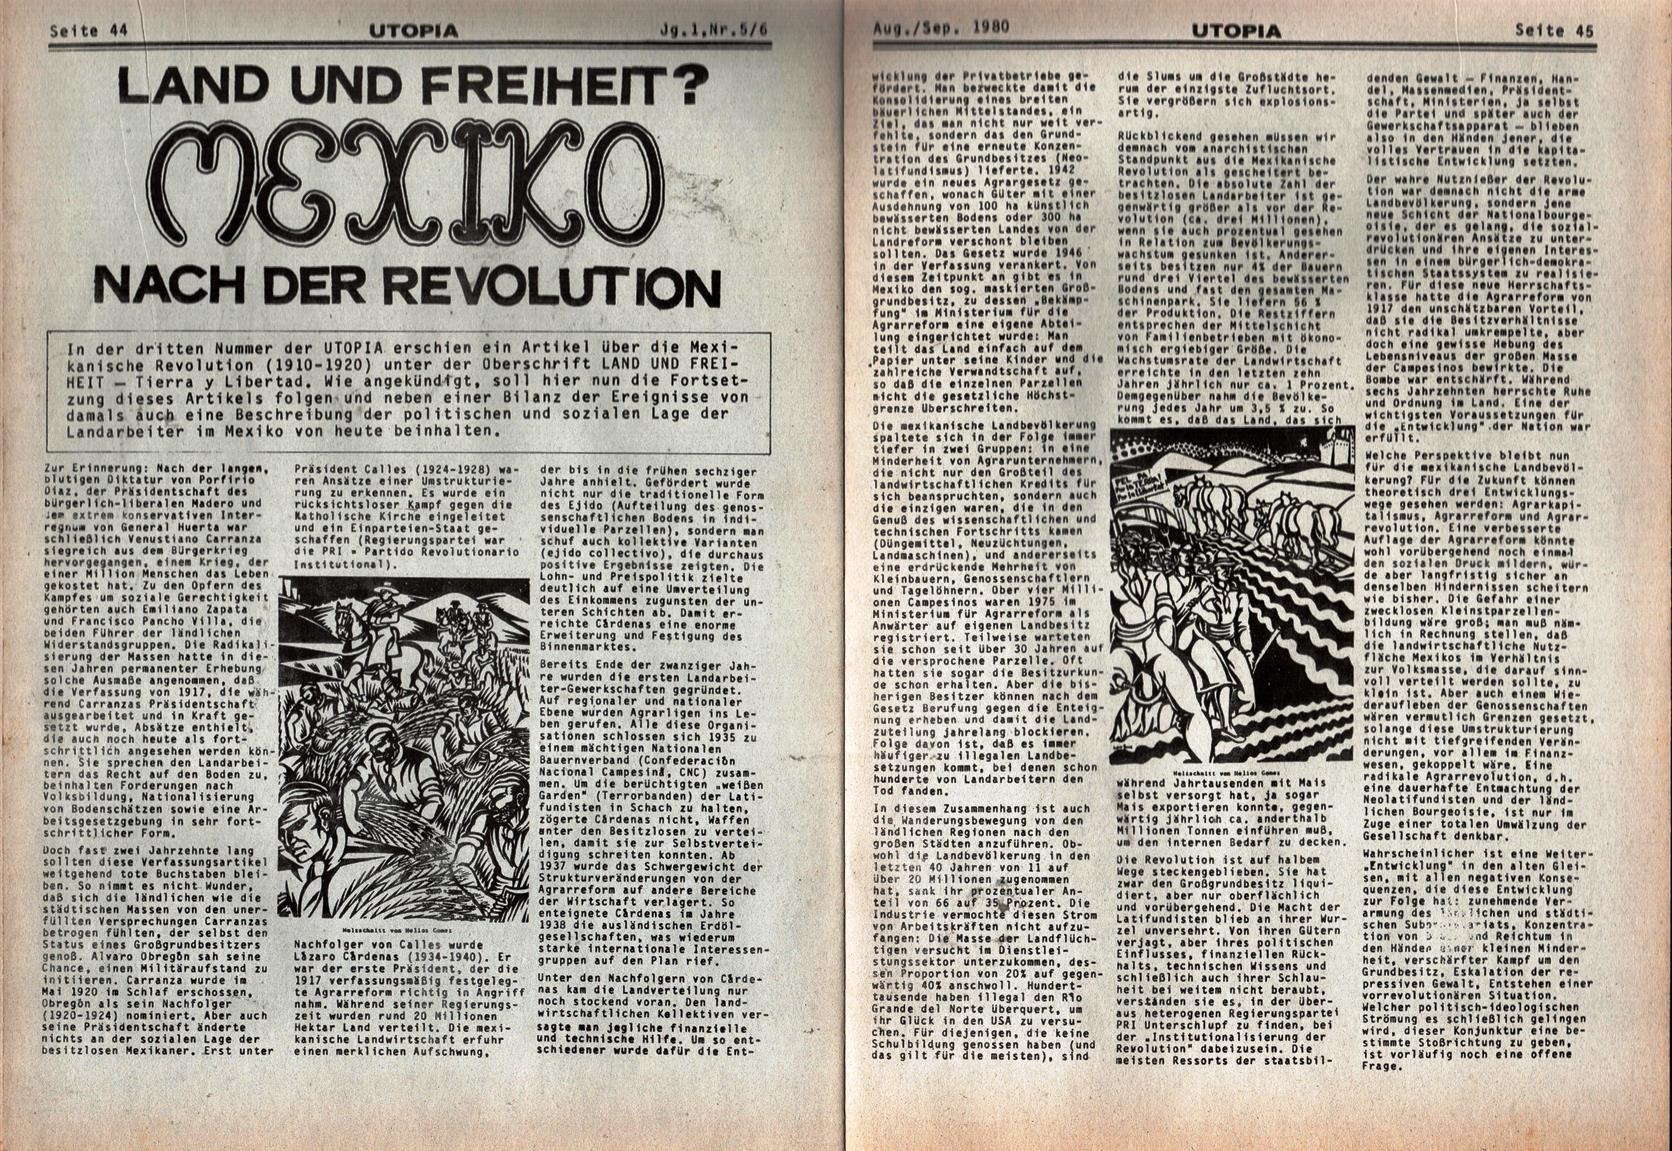 Hamburg_Utopia_1980_05_06_007